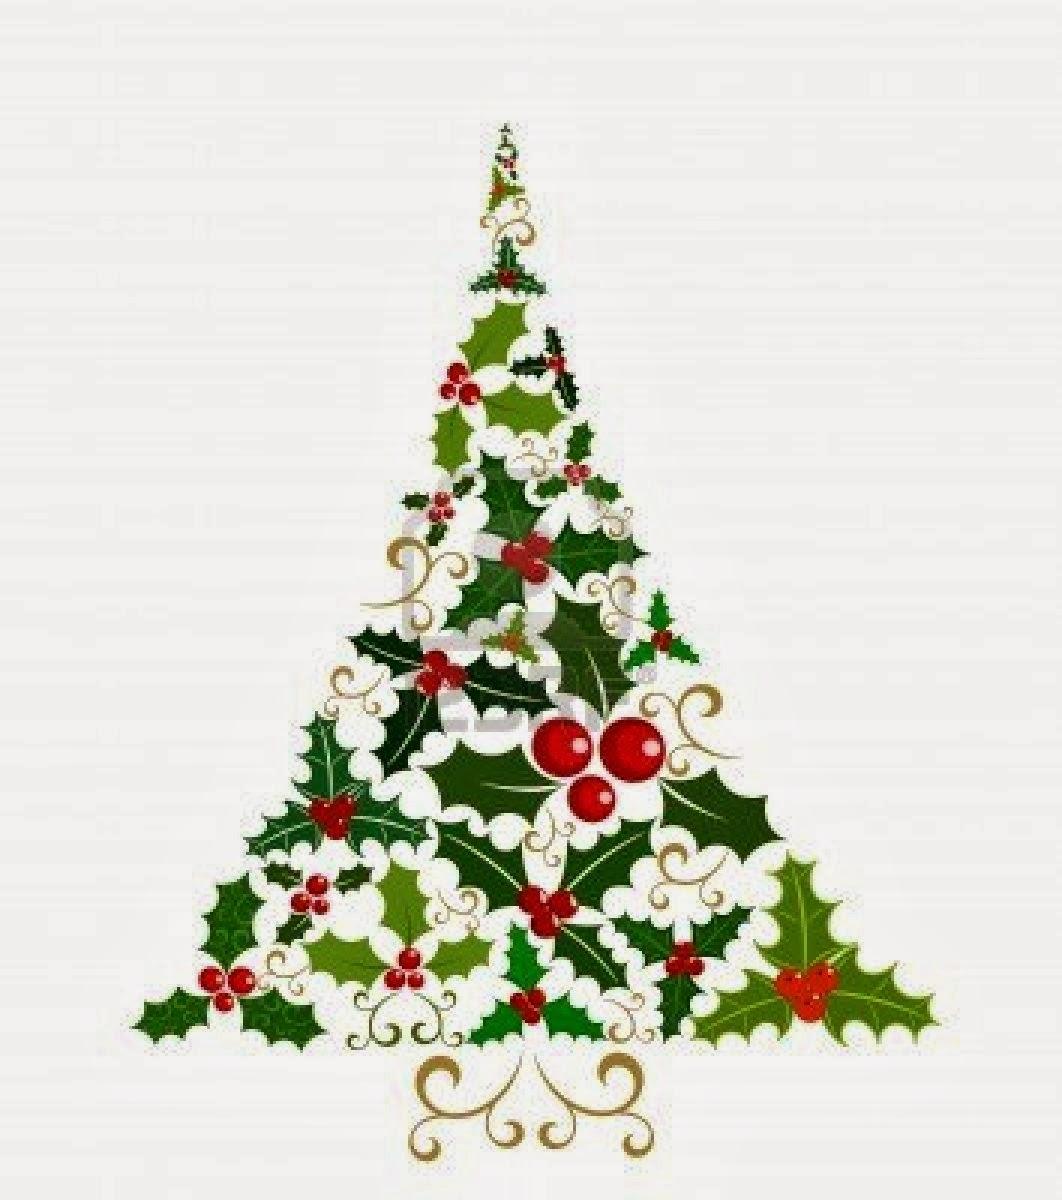 Banco de imagenes y fotos gratis arbol de navidad - Albol de navidad ...